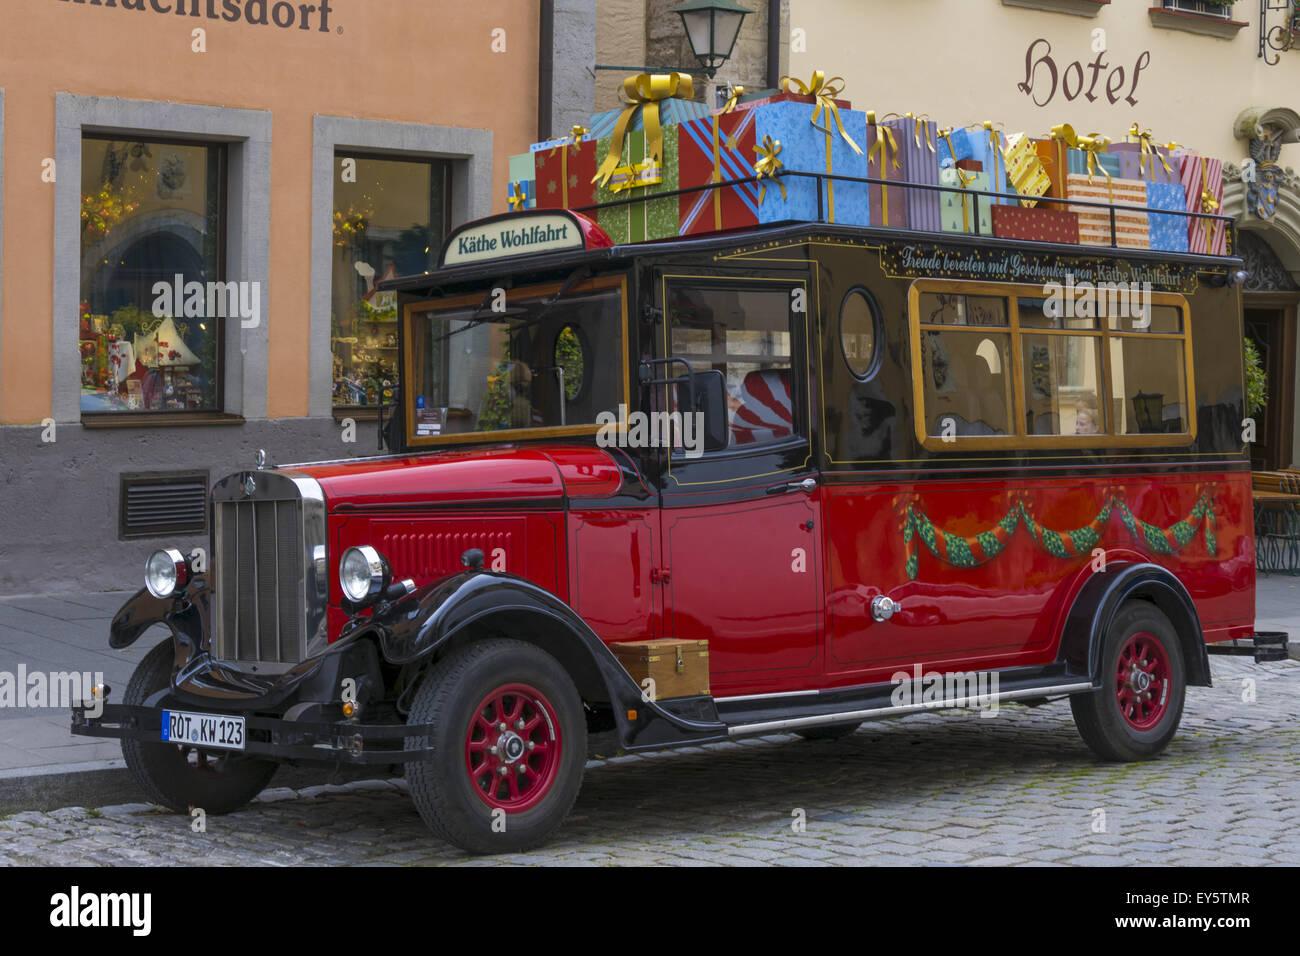 Kaethe Wohlfahrt Weihnachtsdorf shop, a vintage car parking in front ...